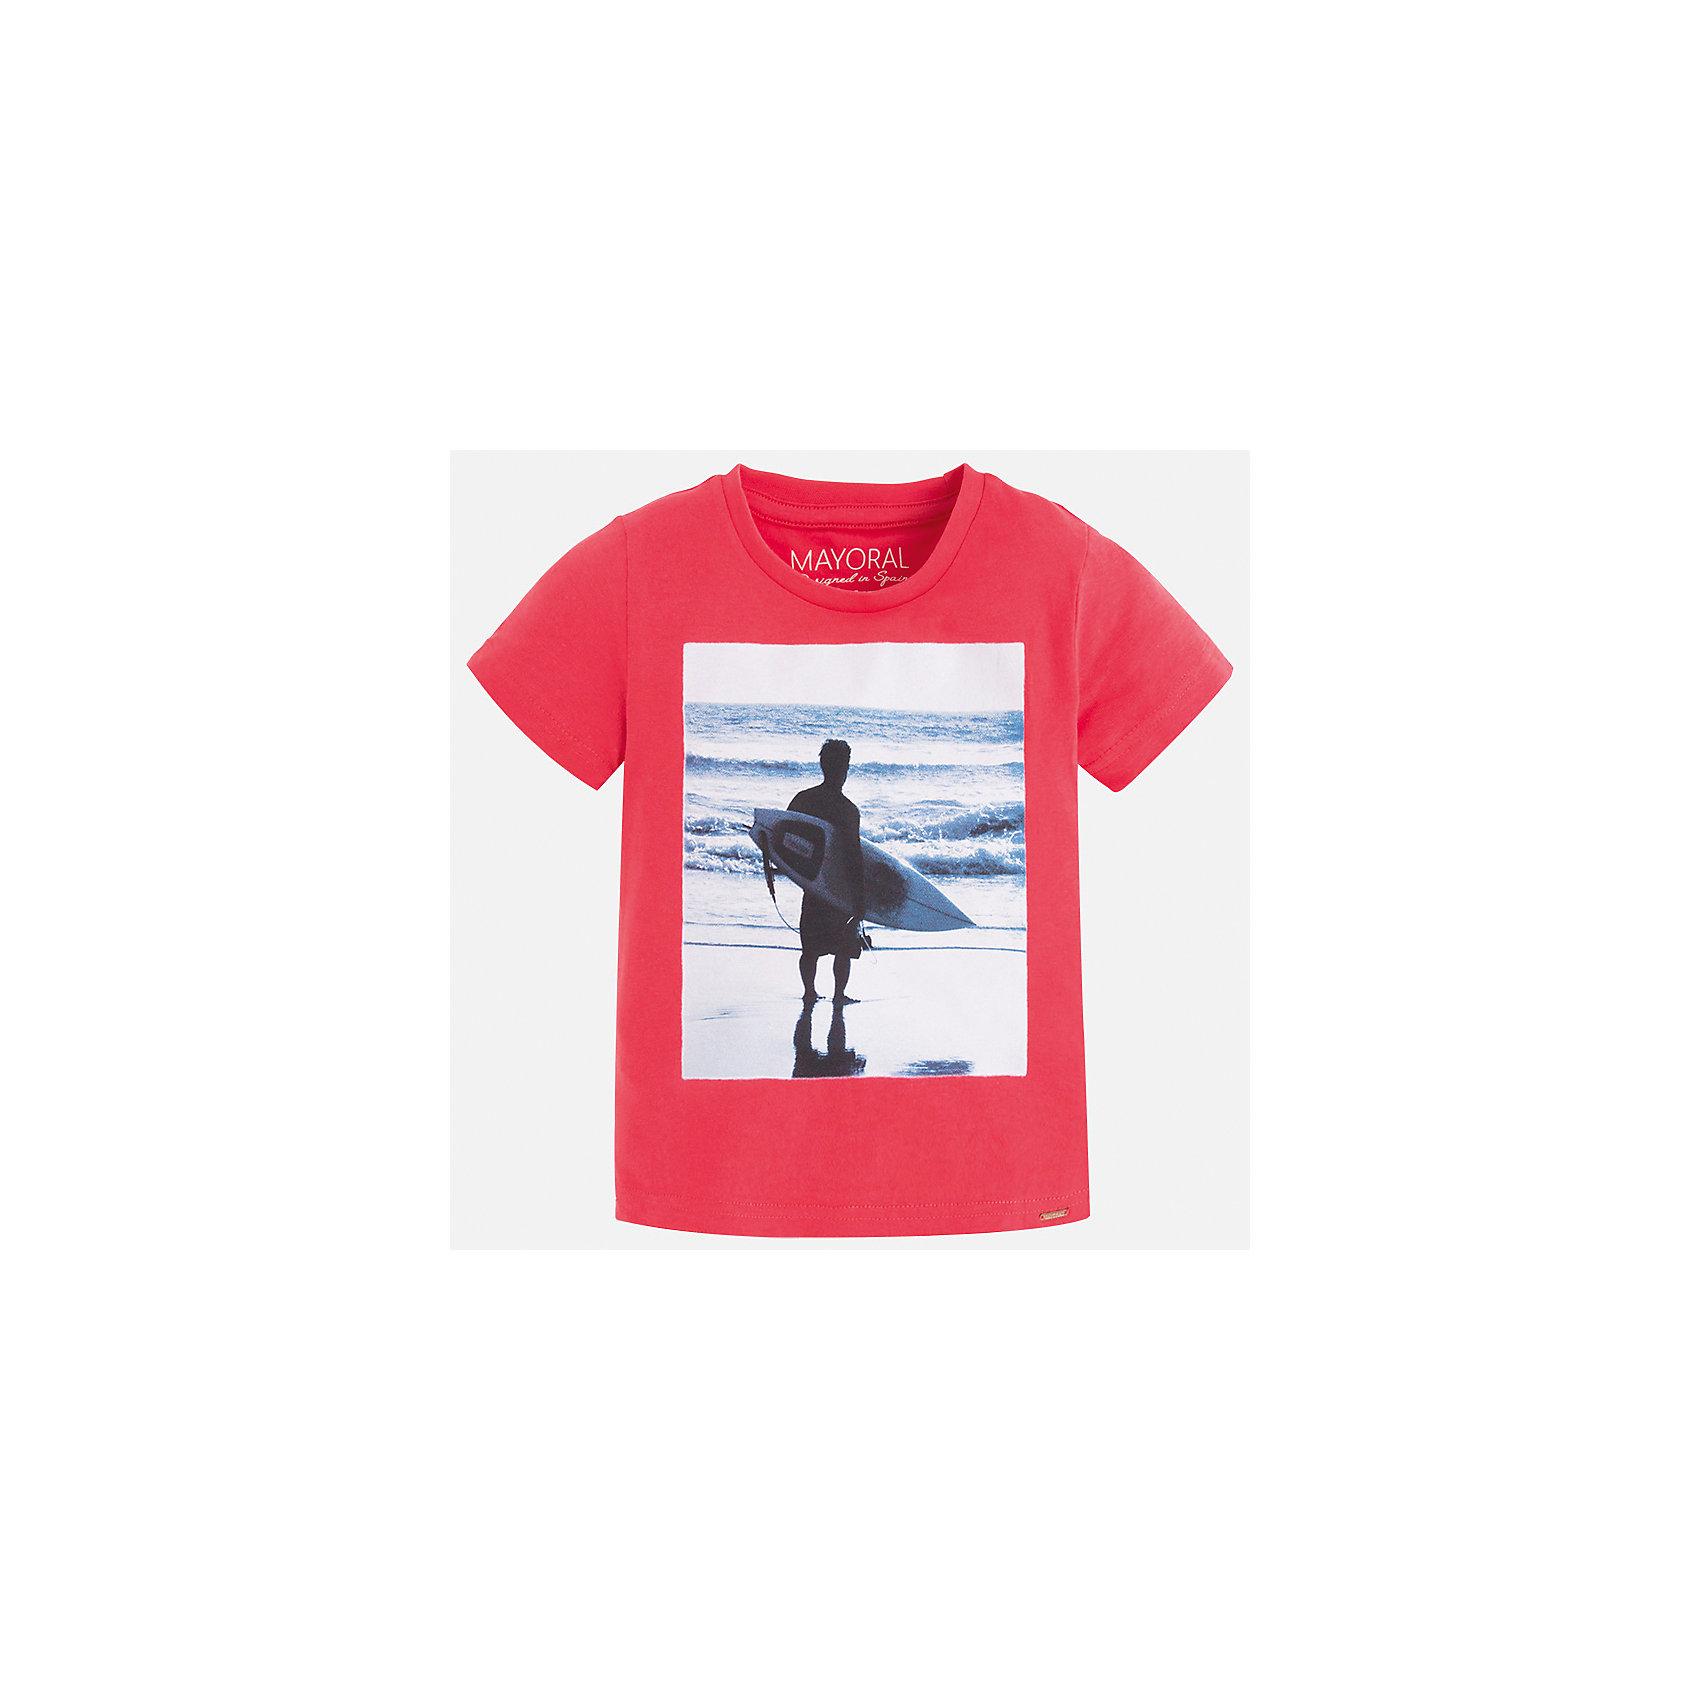 Футболка для мальчика MayoralФутболки, поло и топы<br>Характеристики товара:<br><br>• цвет: розовый<br>• состав: 100% хлопок<br>• круглый горловой вырез<br>• декорирована принтом<br>• короткие рукава<br>• отделка горловины<br>• страна бренда: Испания<br><br>Стильная удобная футболка с принтом поможет разнообразить гардероб мальчика. Она отлично сочетается с брюками, шортами, джинсами. Универсальный крой и цвет позволяет подобрать к вещи низ разных расцветок. Практичное и стильное изделие! Хорошо смотрится и комфортно сидит на детях. В составе материала - только натуральный хлопок, гипоаллергенный, приятный на ощупь, дышащий. <br><br>Одежда, обувь и аксессуары от испанского бренда Mayoral полюбились детям и взрослым по всему миру. Модели этой марки - стильные и удобные. Для их производства используются только безопасные, качественные материалы и фурнитура. Порадуйте ребенка модными и красивыми вещами от Mayoral! <br><br>Футболку для мальчика от испанского бренда Mayoral (Майорал) можно купить в нашем интернет-магазине.<br><br>Ширина мм: 199<br>Глубина мм: 10<br>Высота мм: 161<br>Вес г: 151<br>Цвет: красный<br>Возраст от месяцев: 18<br>Возраст до месяцев: 24<br>Пол: Мужской<br>Возраст: Детский<br>Размер: 92,98,134,128,122,116,110,104<br>SKU: 5279981